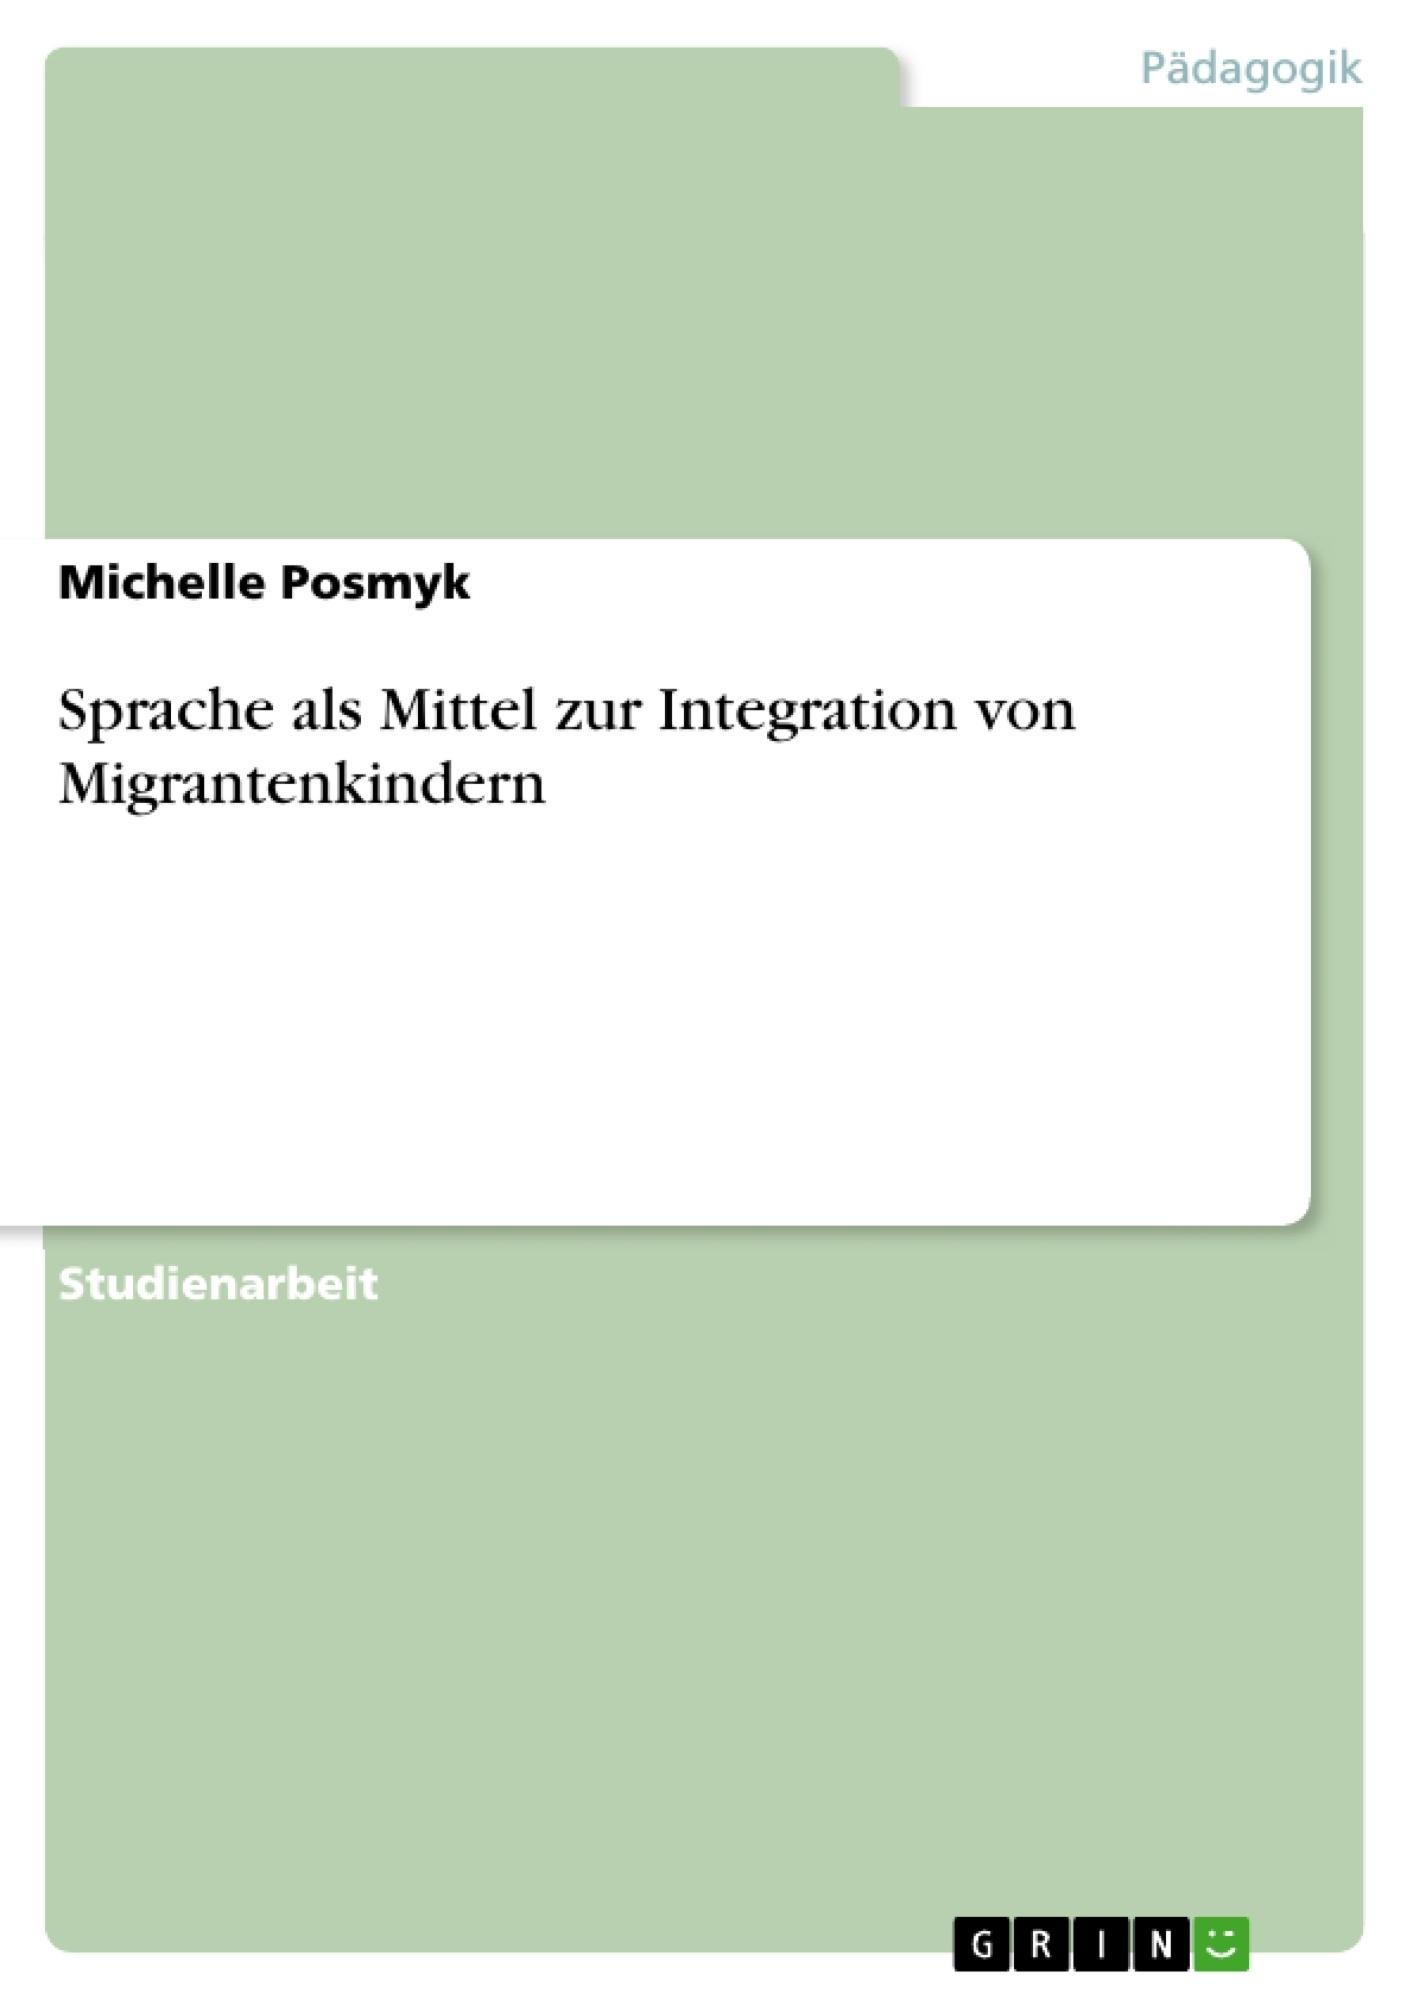 Titel: Sprache als Mittel zur Integration von Migrantenkindern